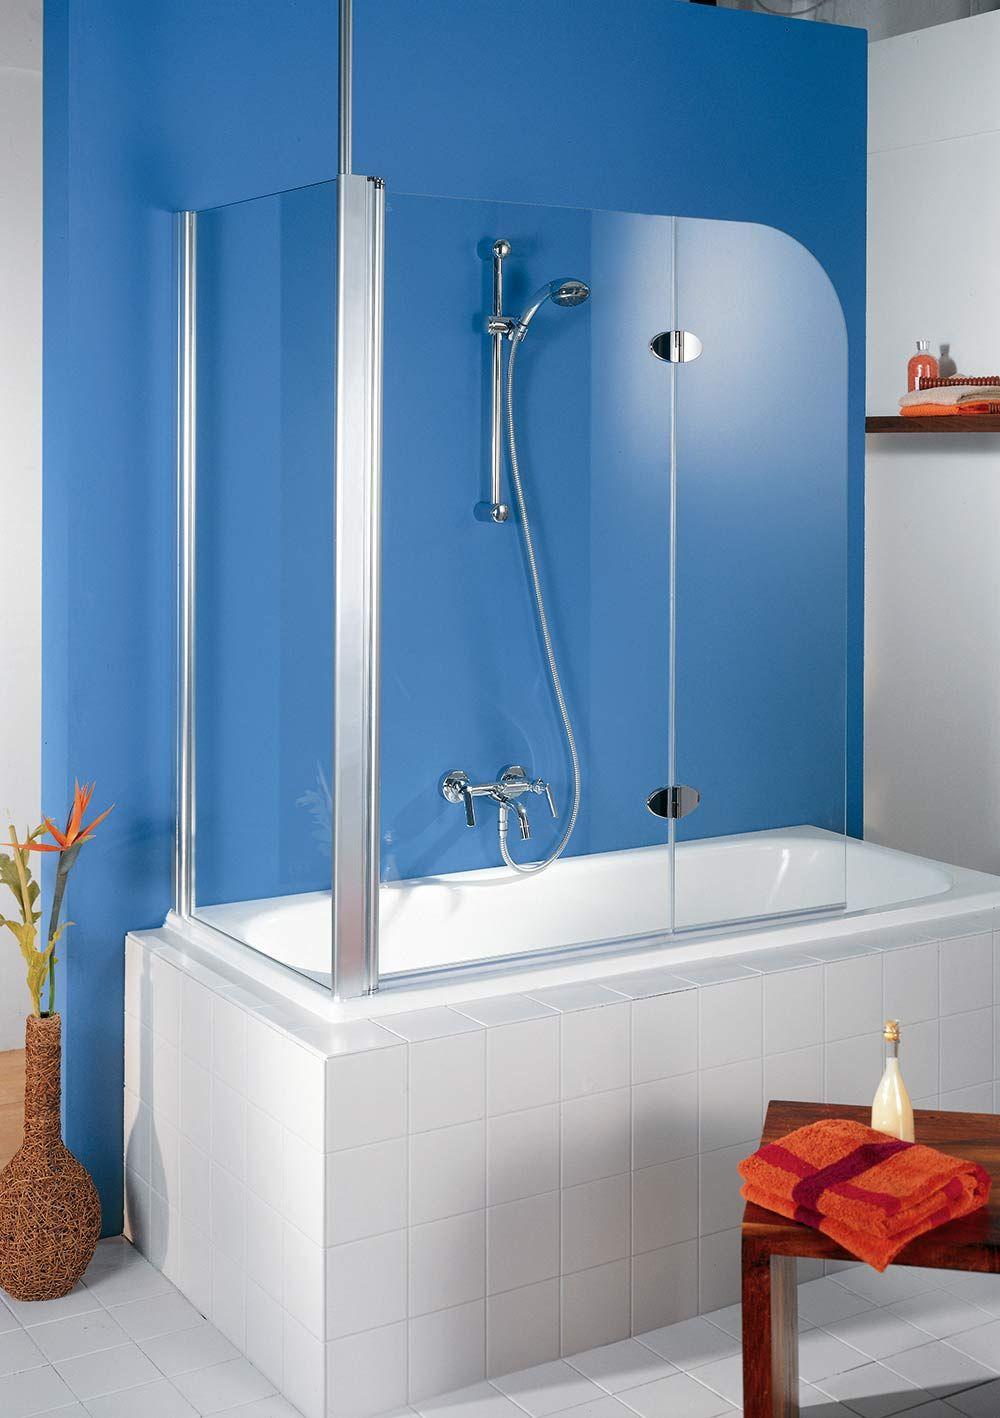 Duschabtrennung Badewanne Top Losungen Von Hsk Duschabtrennung Badewanne Badewanne Duschabtrennung